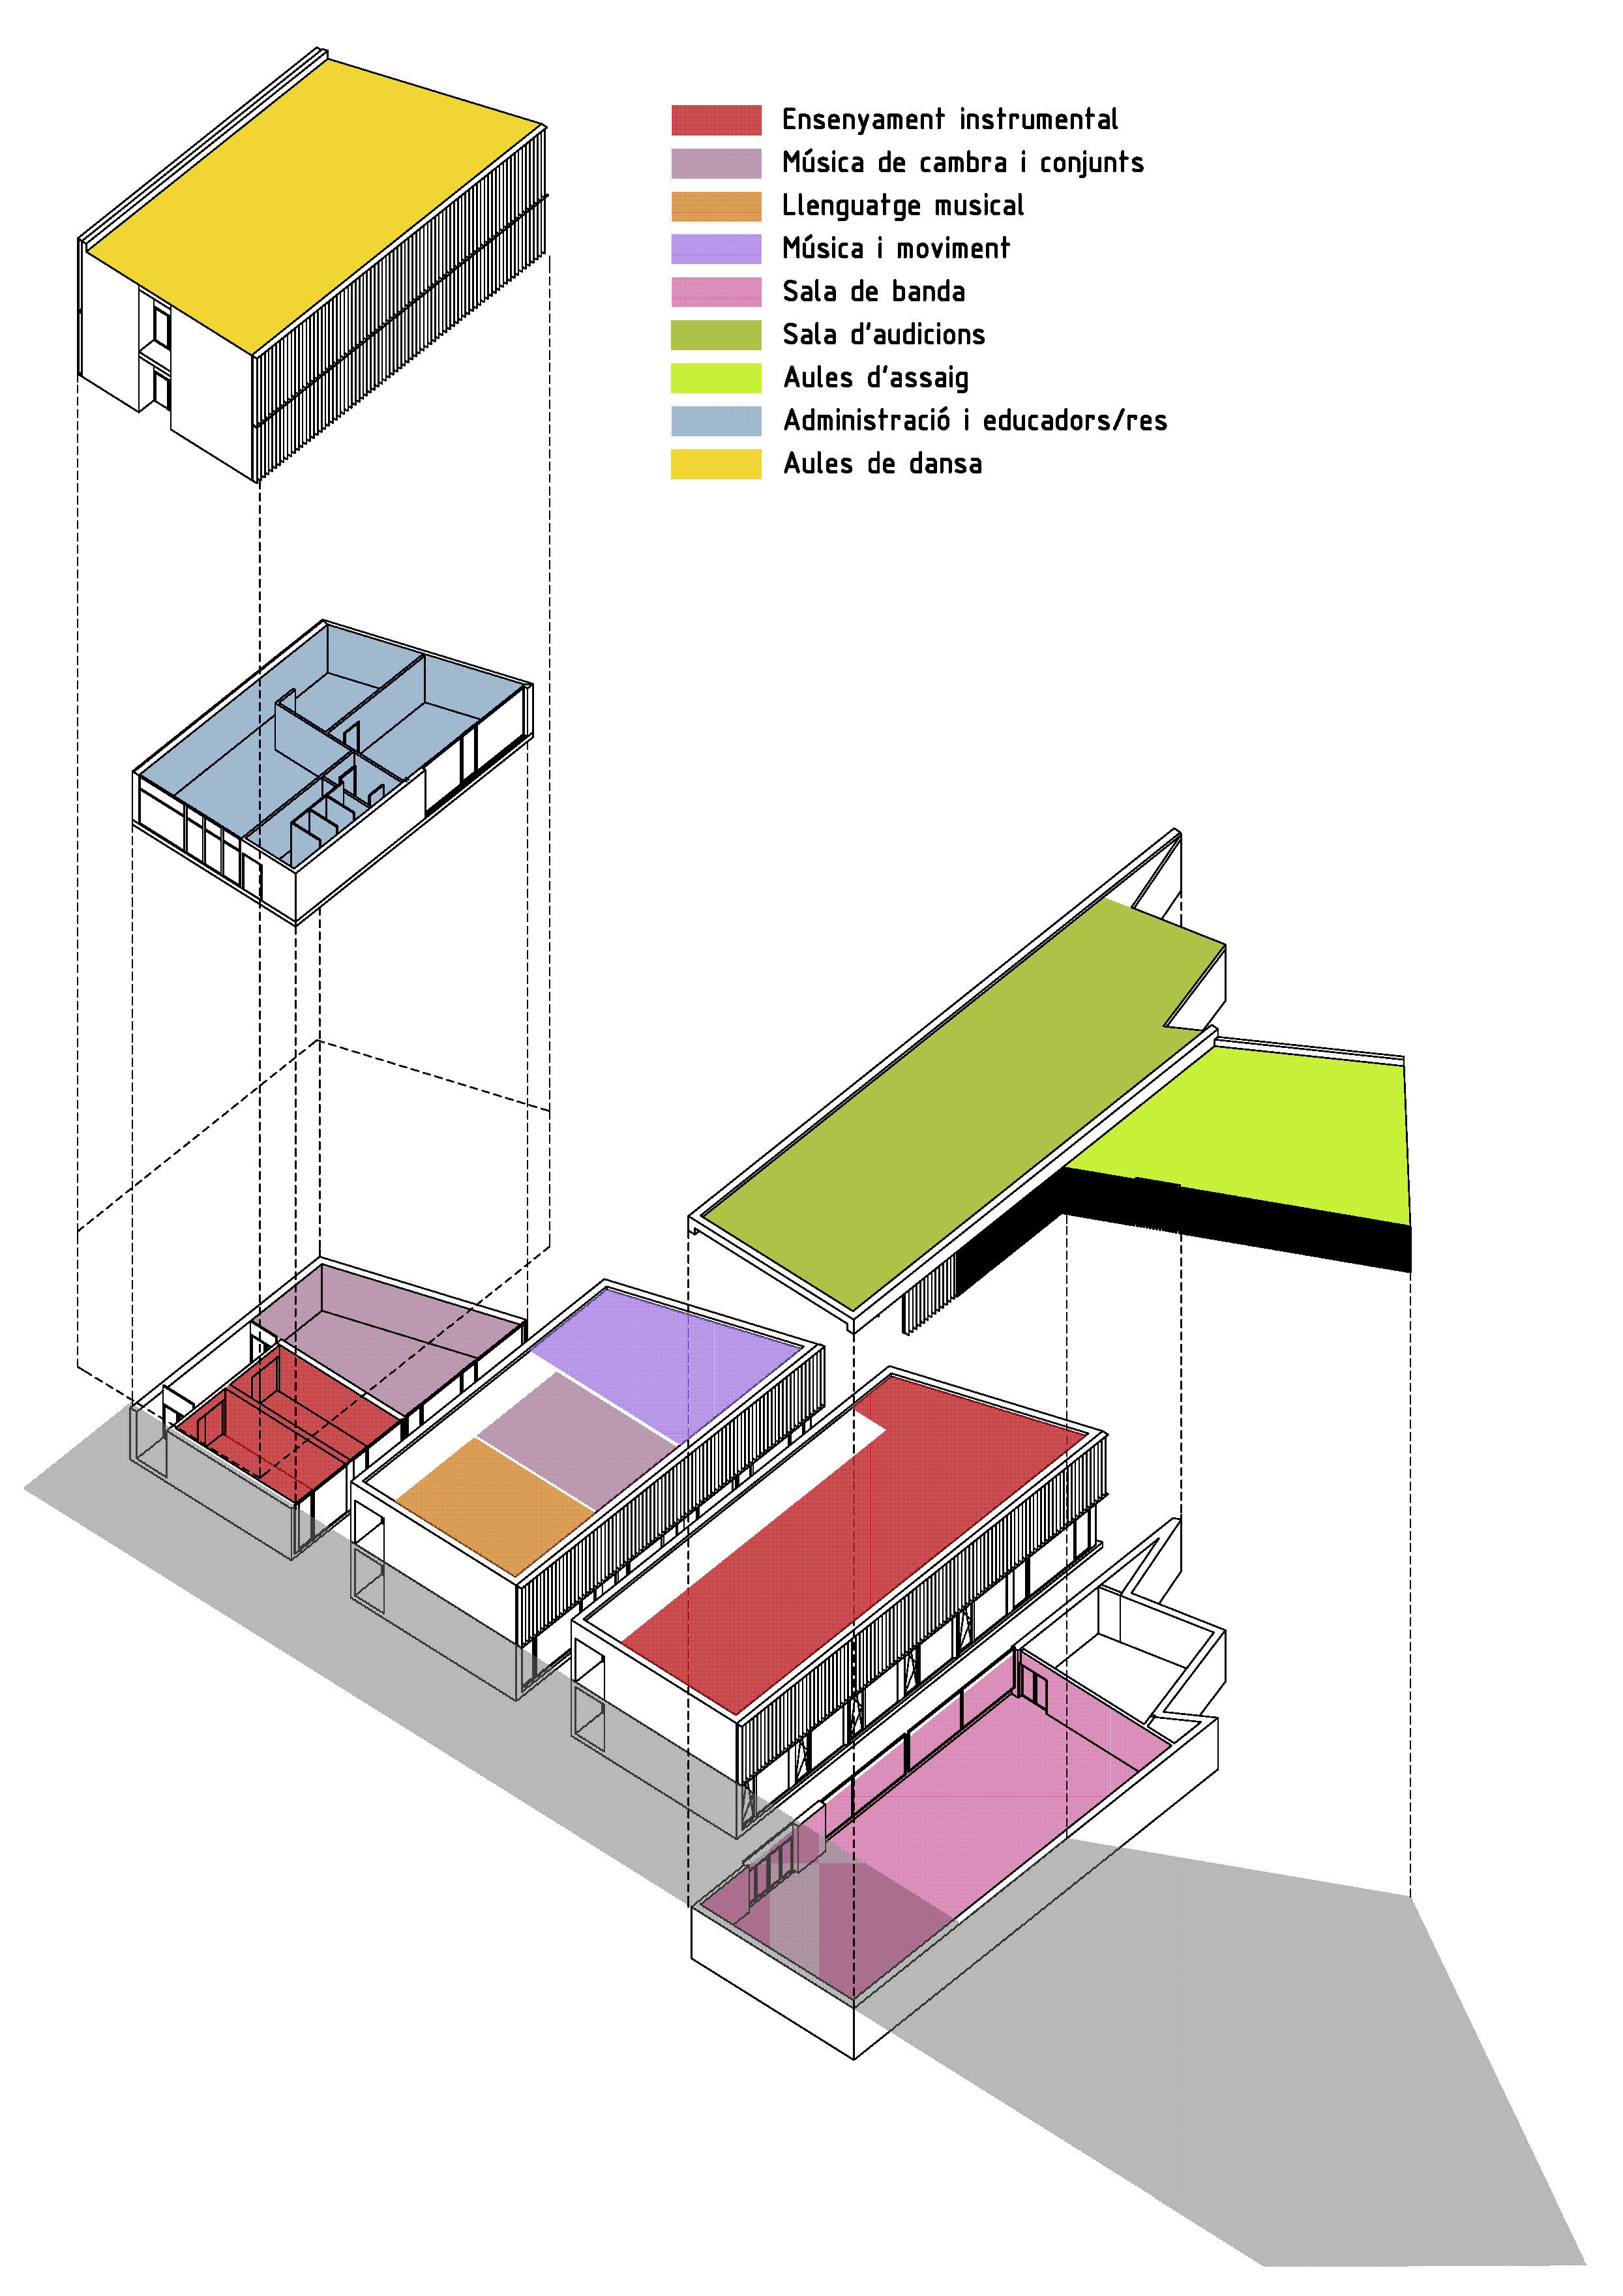 Fem arquitectura instituto de m sica y danza - Fem arquitectura ...